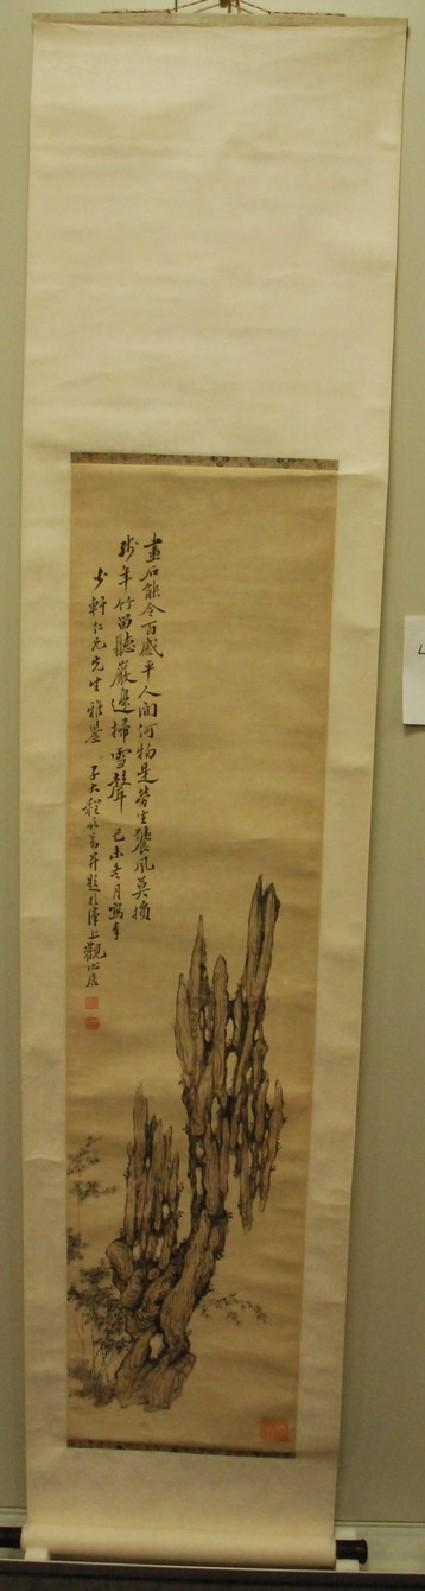 Ornamental garden rock, with bamboo